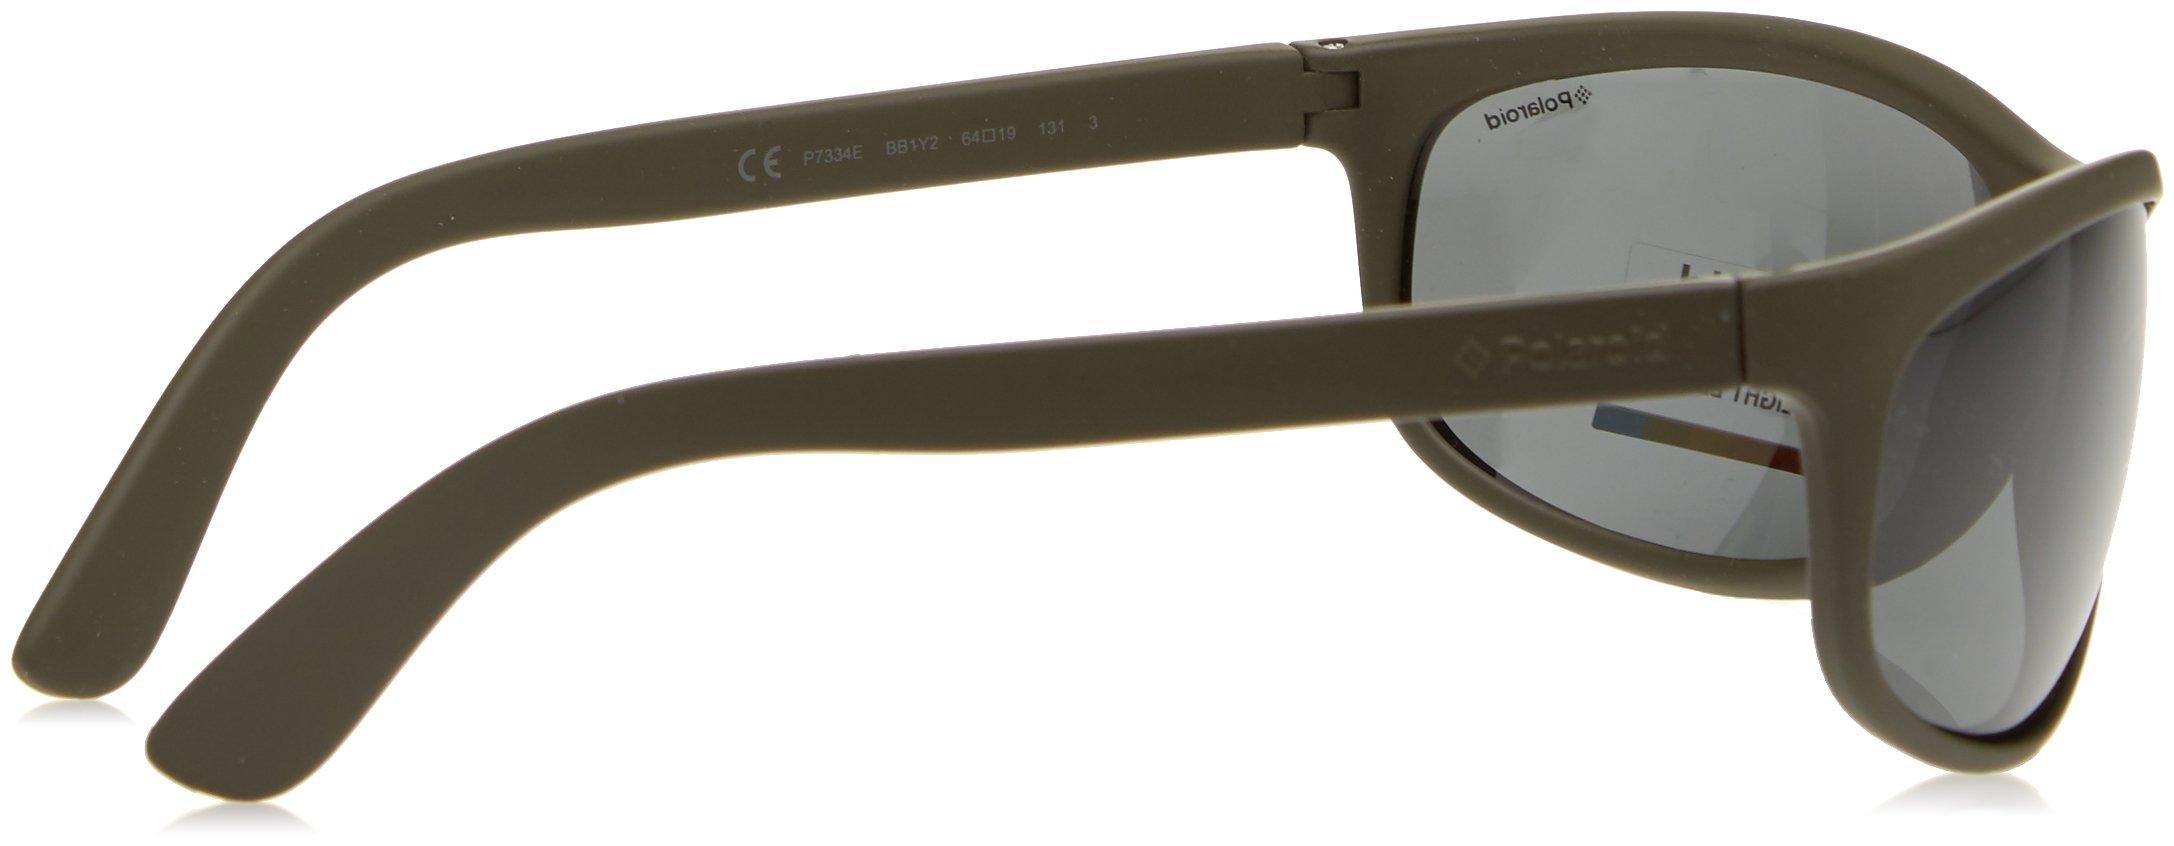 Polaroid - P7334 - Occhiali da sole Donna e Uomo Rettangolare - Polarizzati - Materiale leggero - Custodia protettiva… 3 spesavip